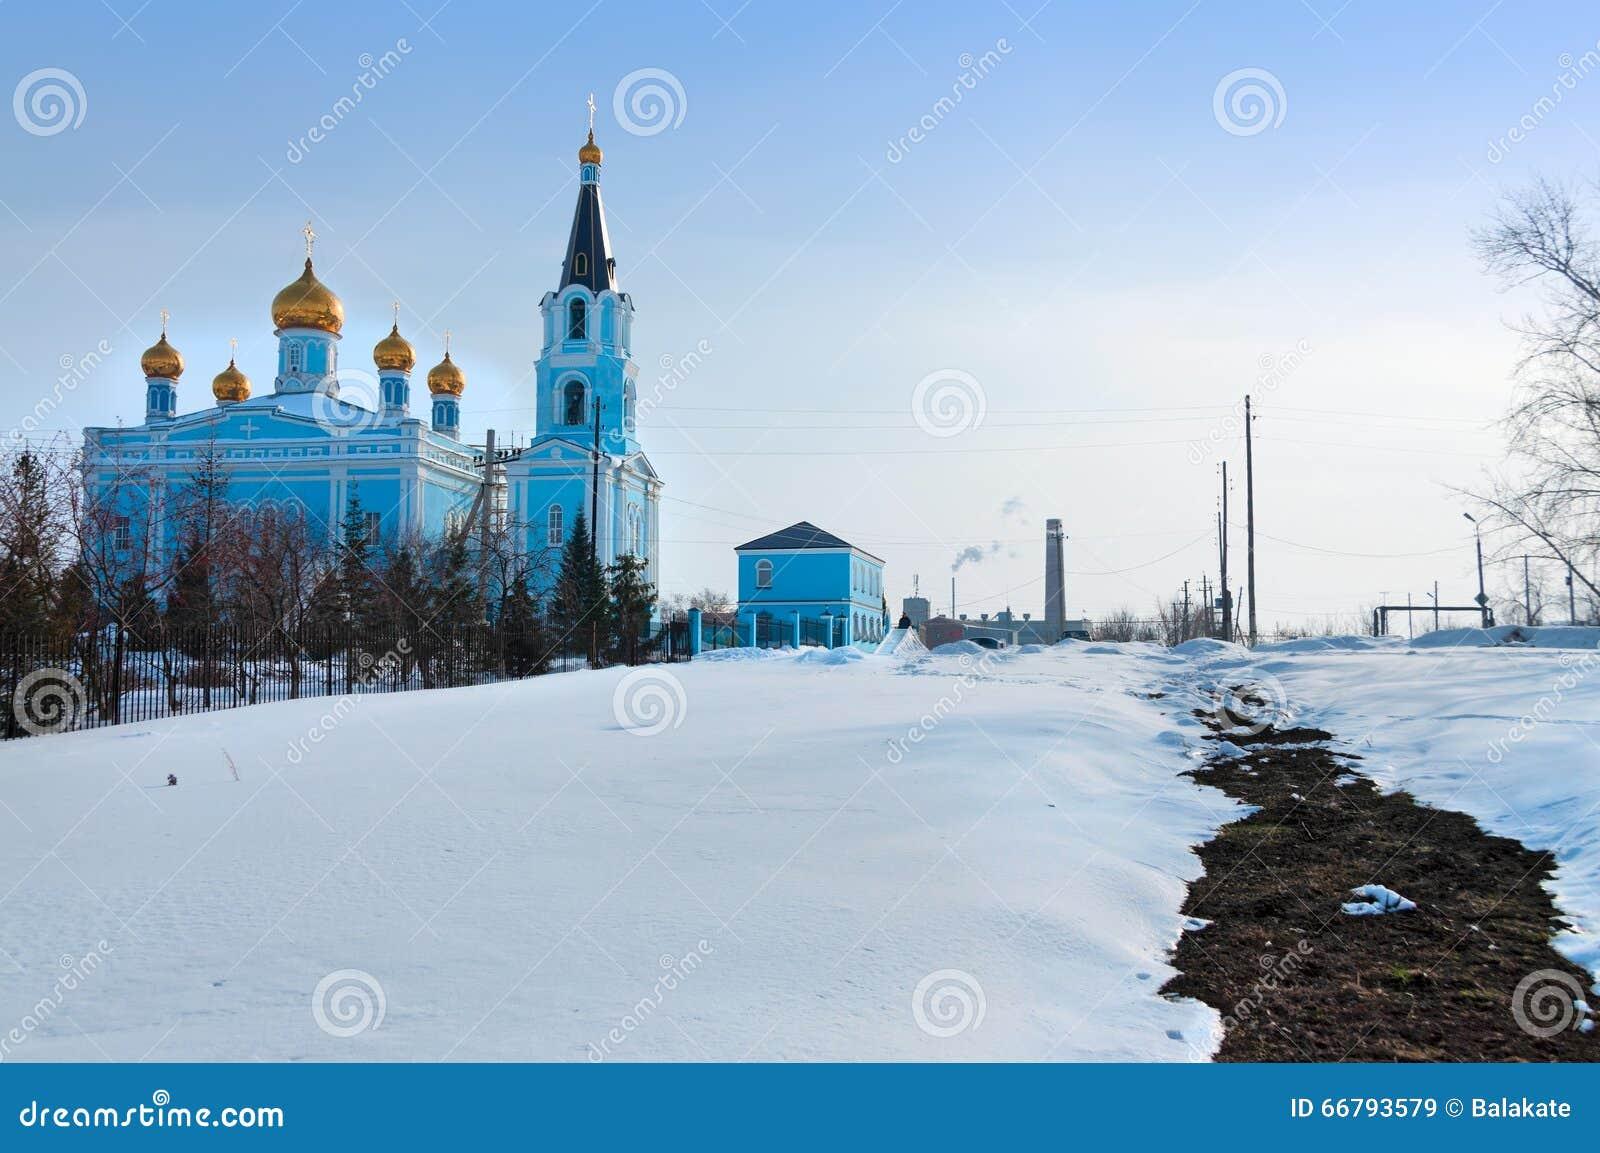 Sights of Kamensk-Uralsky: description from photo